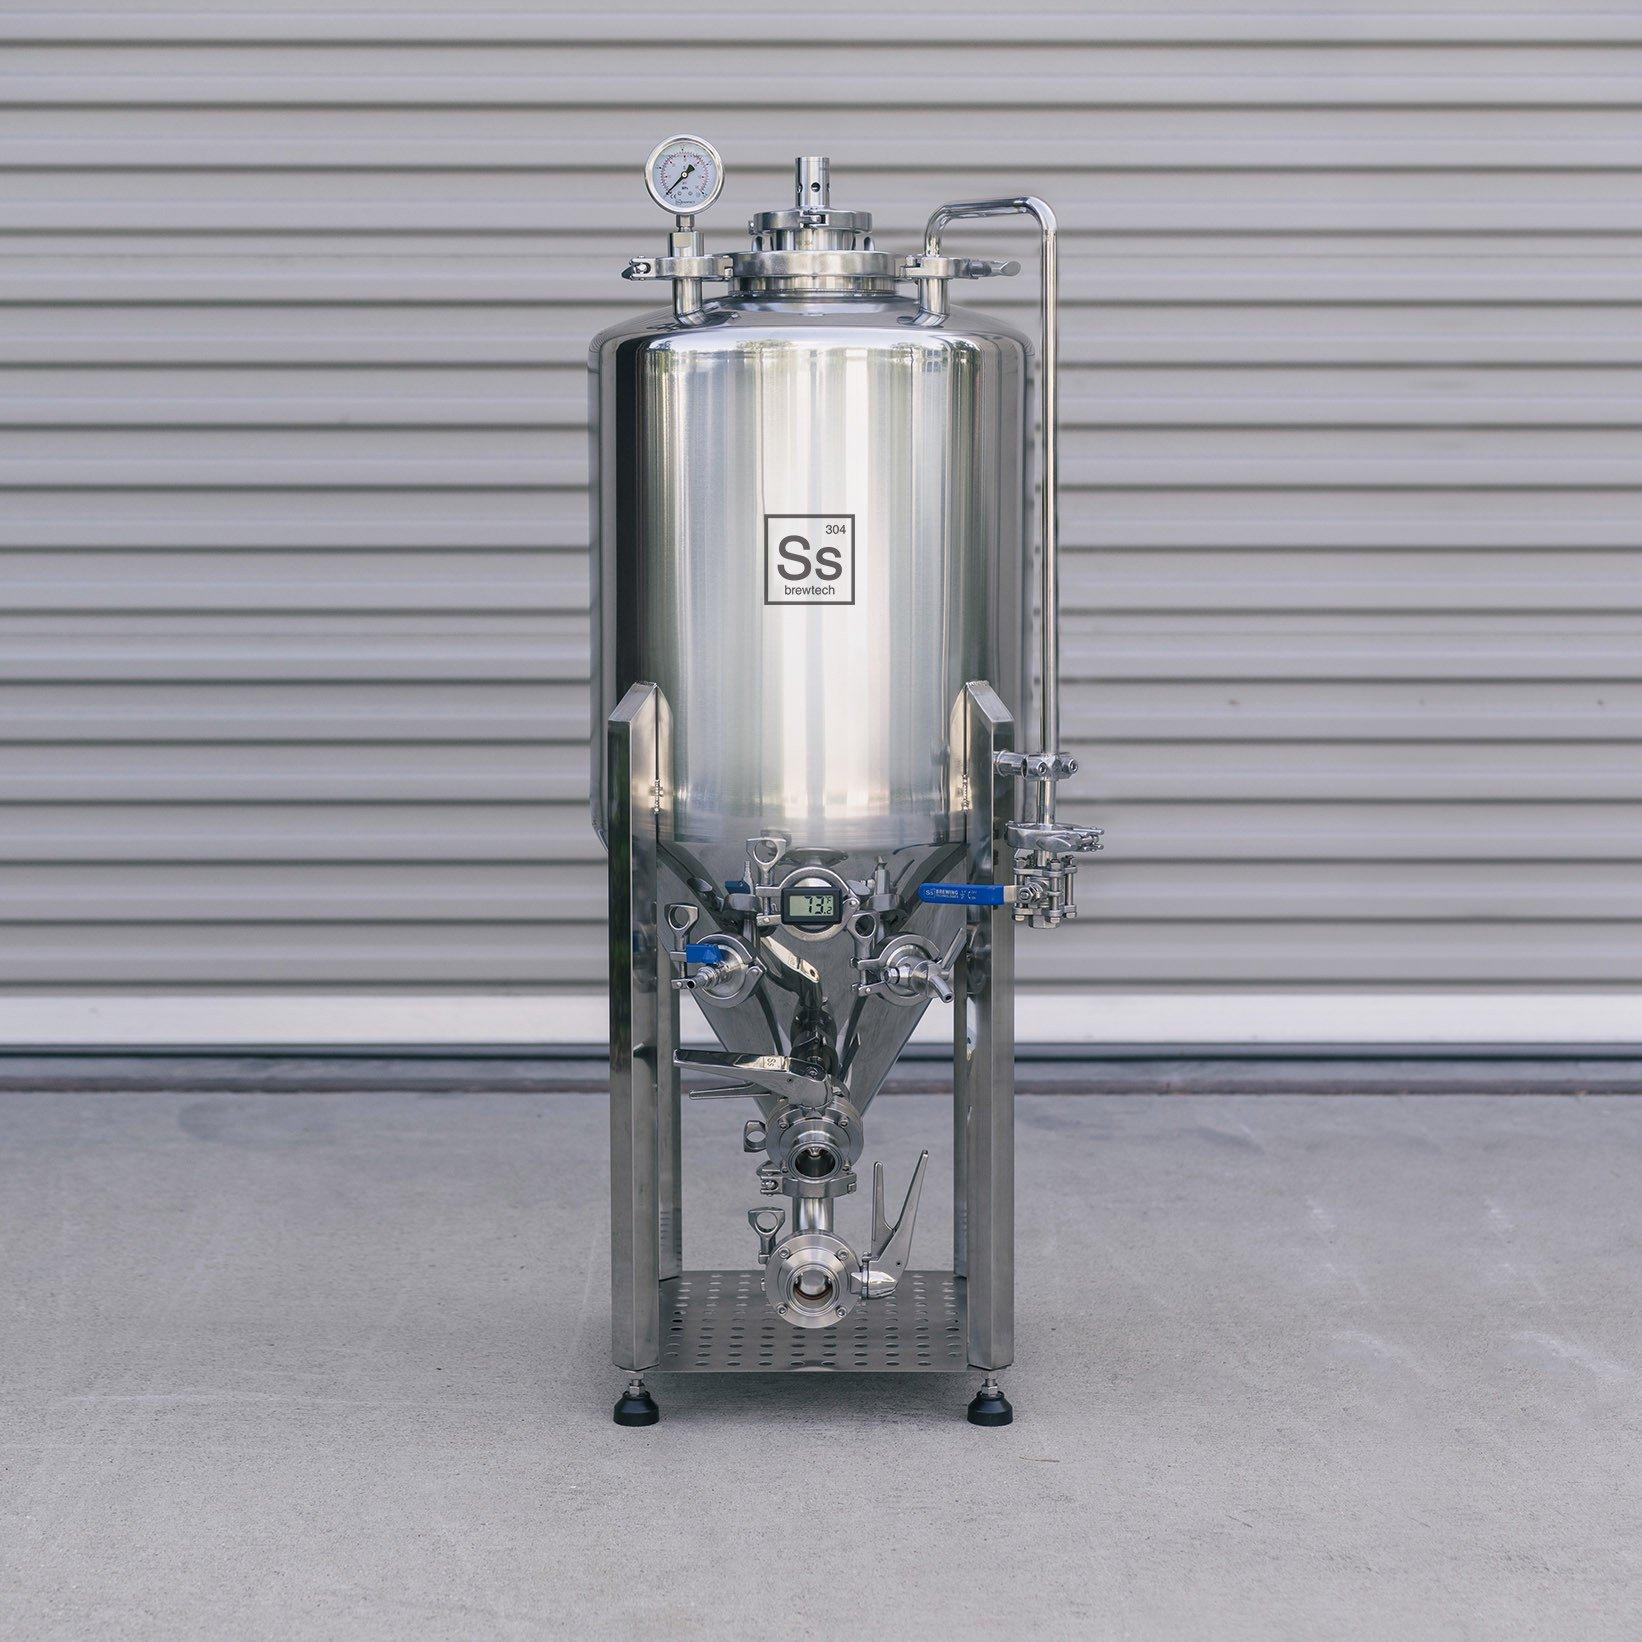 Fermentatore conico isobarico Ss Brewtech Unitank Half BBL 64lt